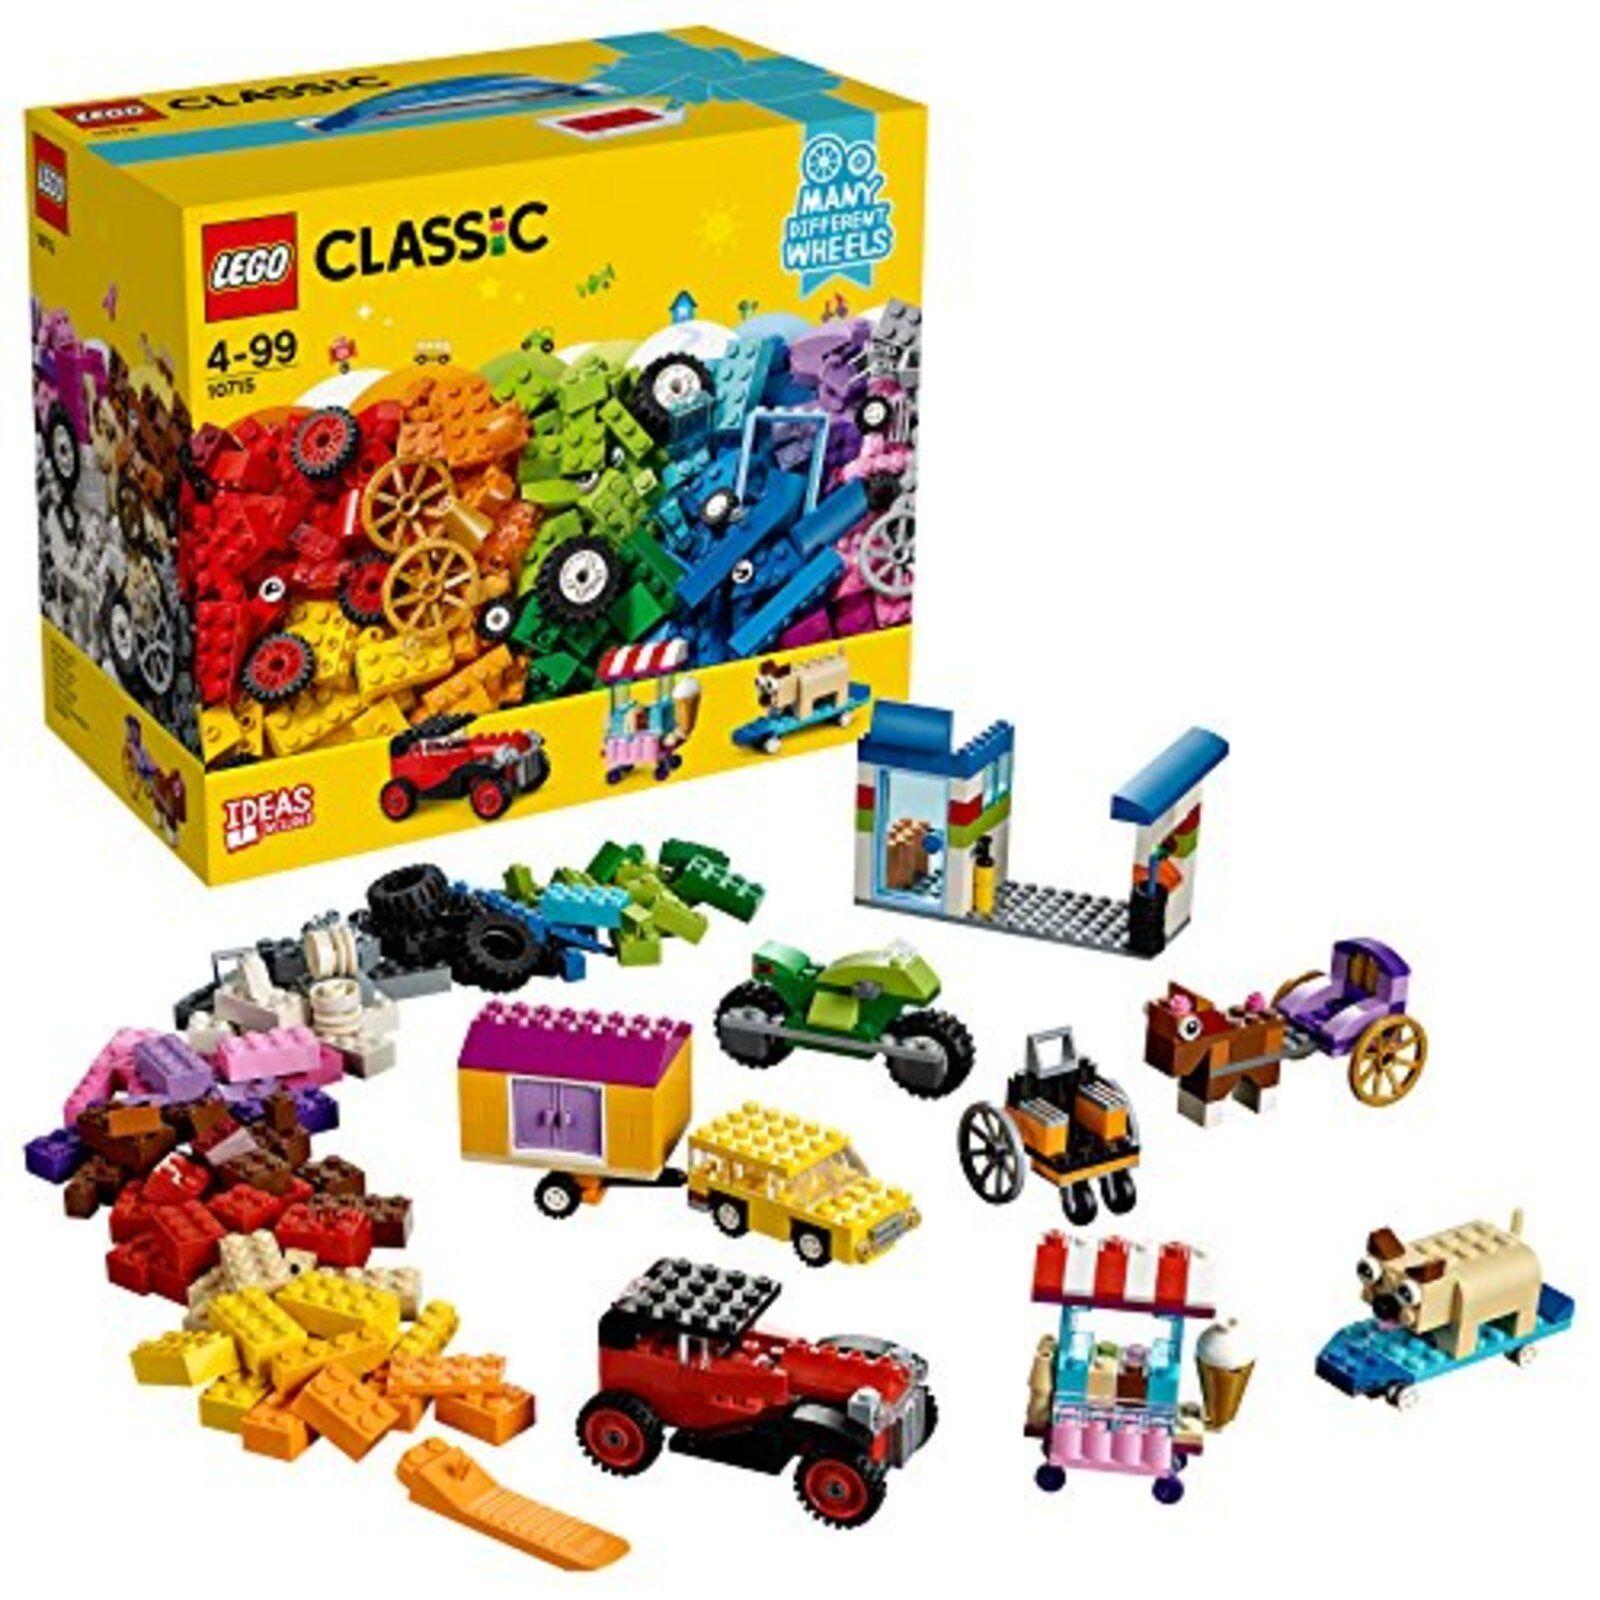 Lego Classic Idea Parti Blocco Costruzioni Giocattolo W Tracciamento Testa New